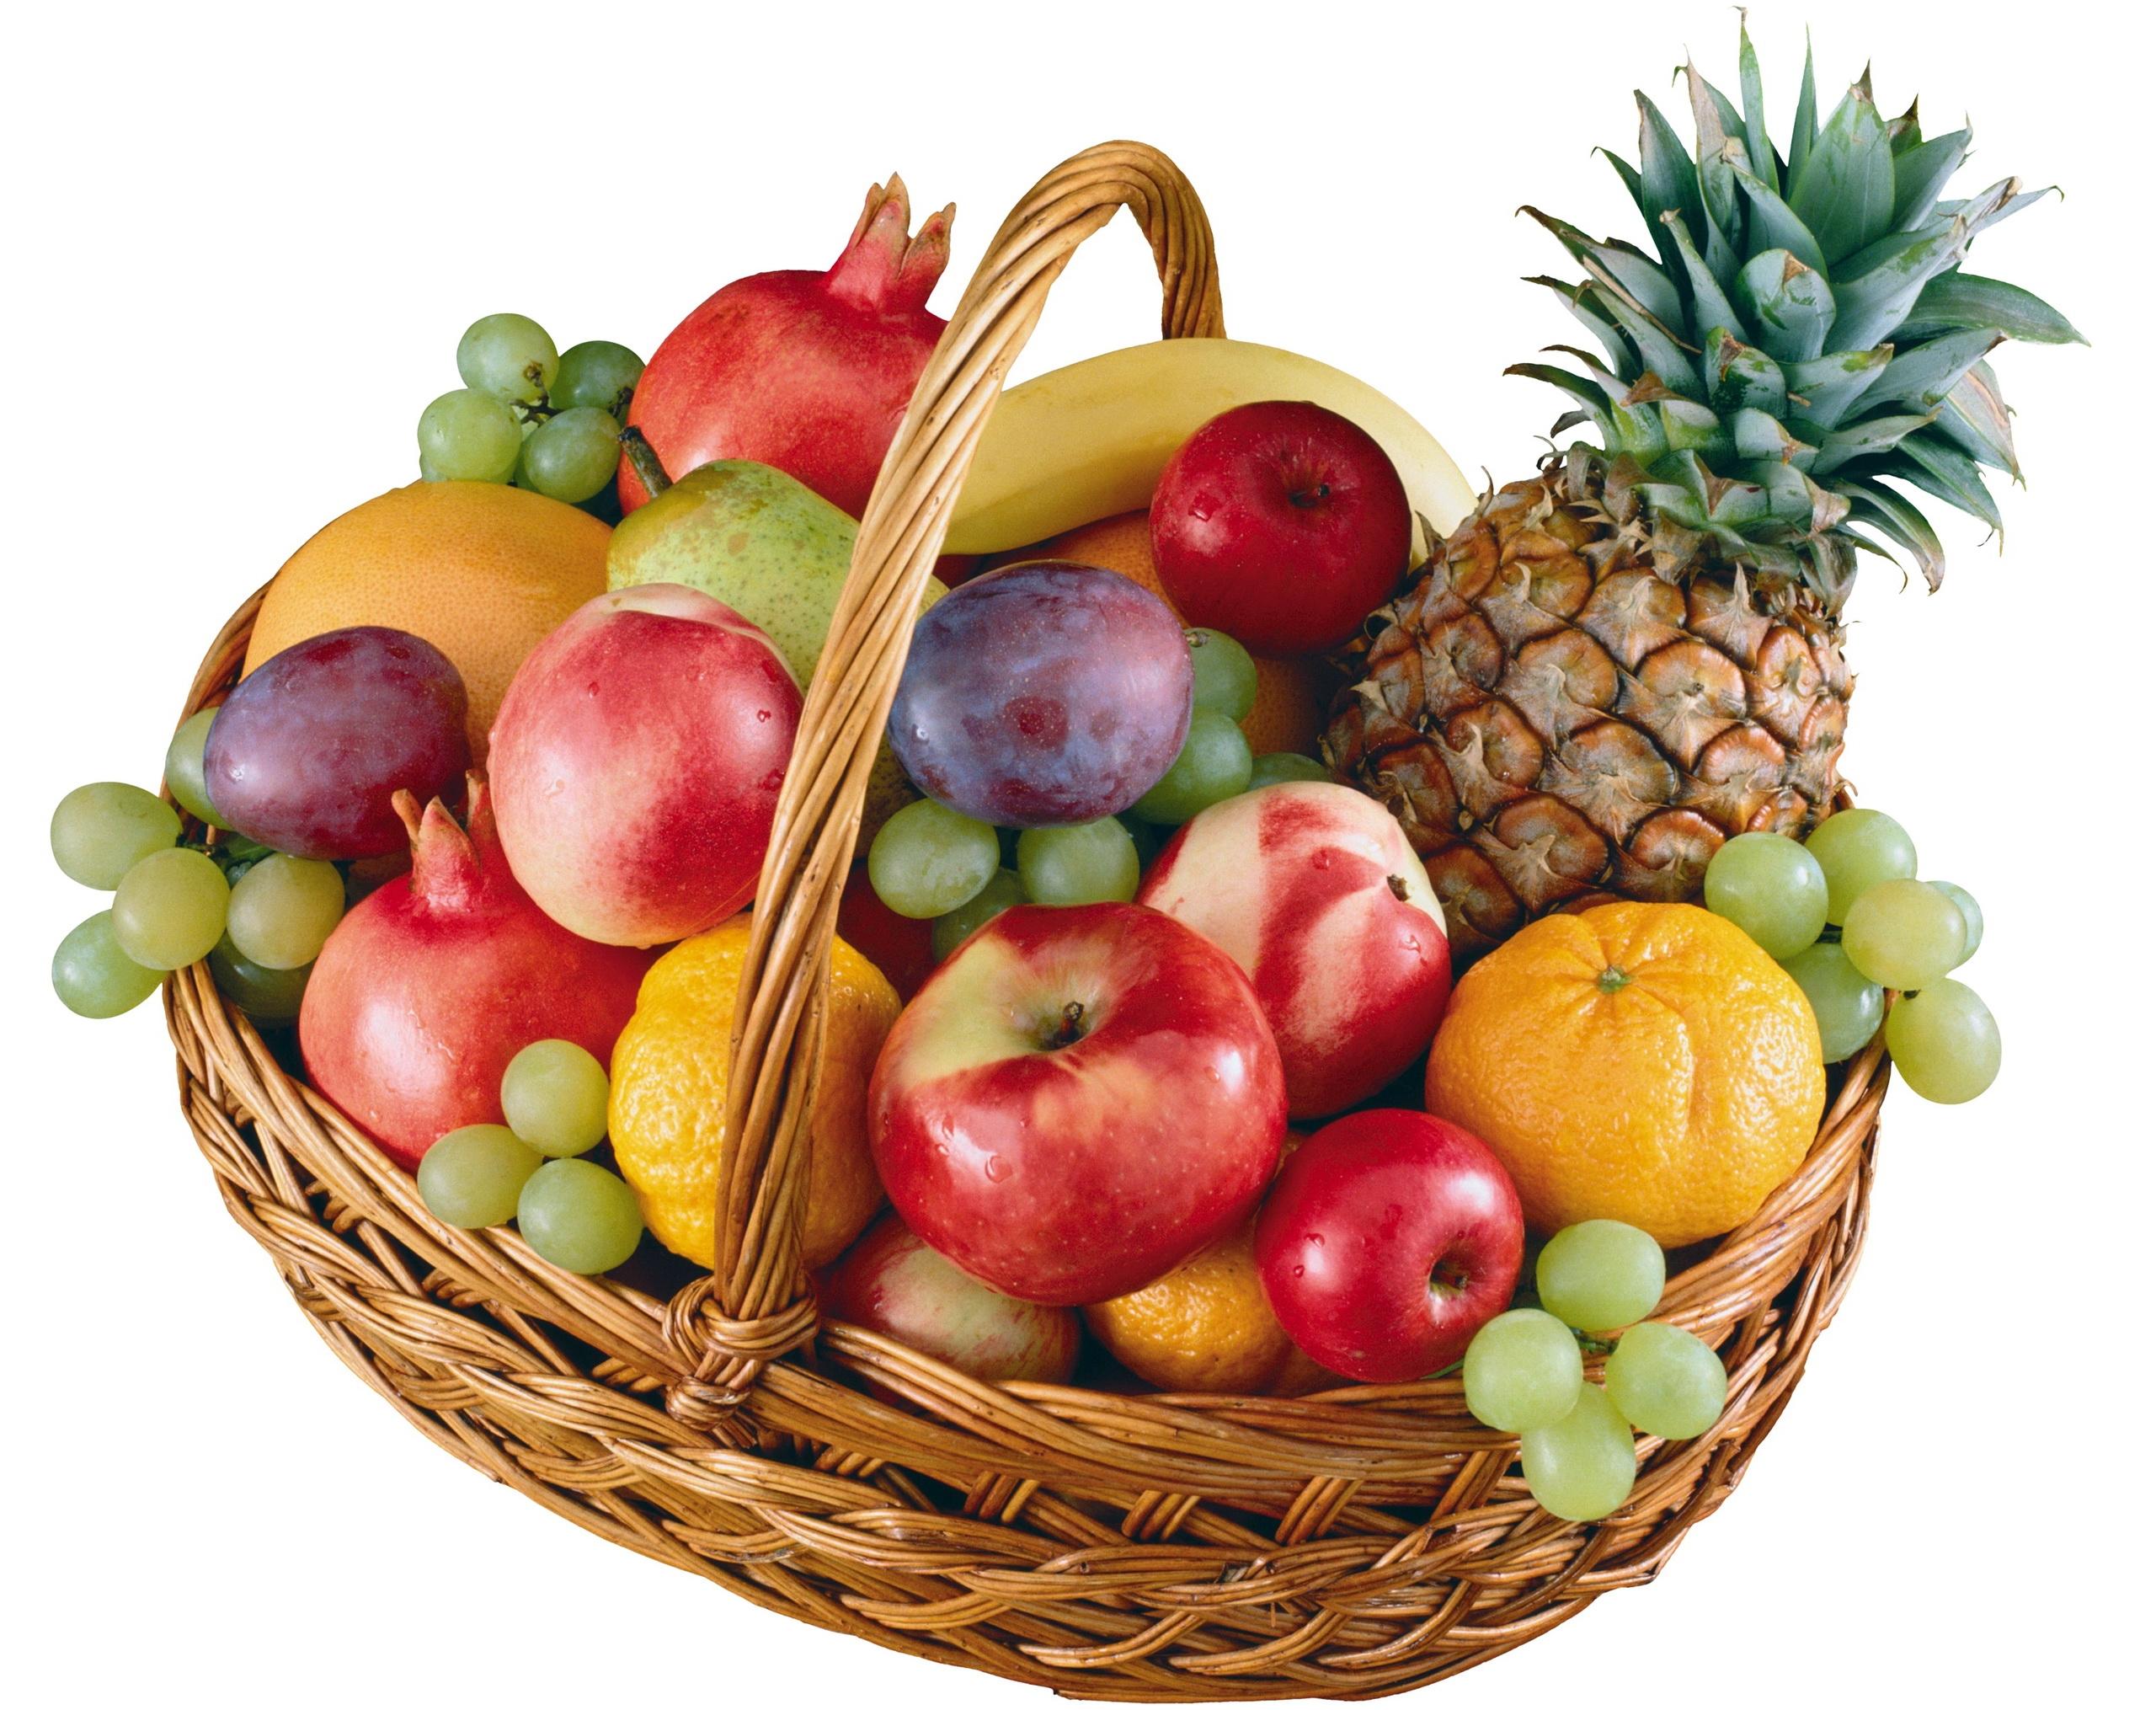 Hintergrundbilder : Lebensmittel, Frucht, Korb, produzieren ...